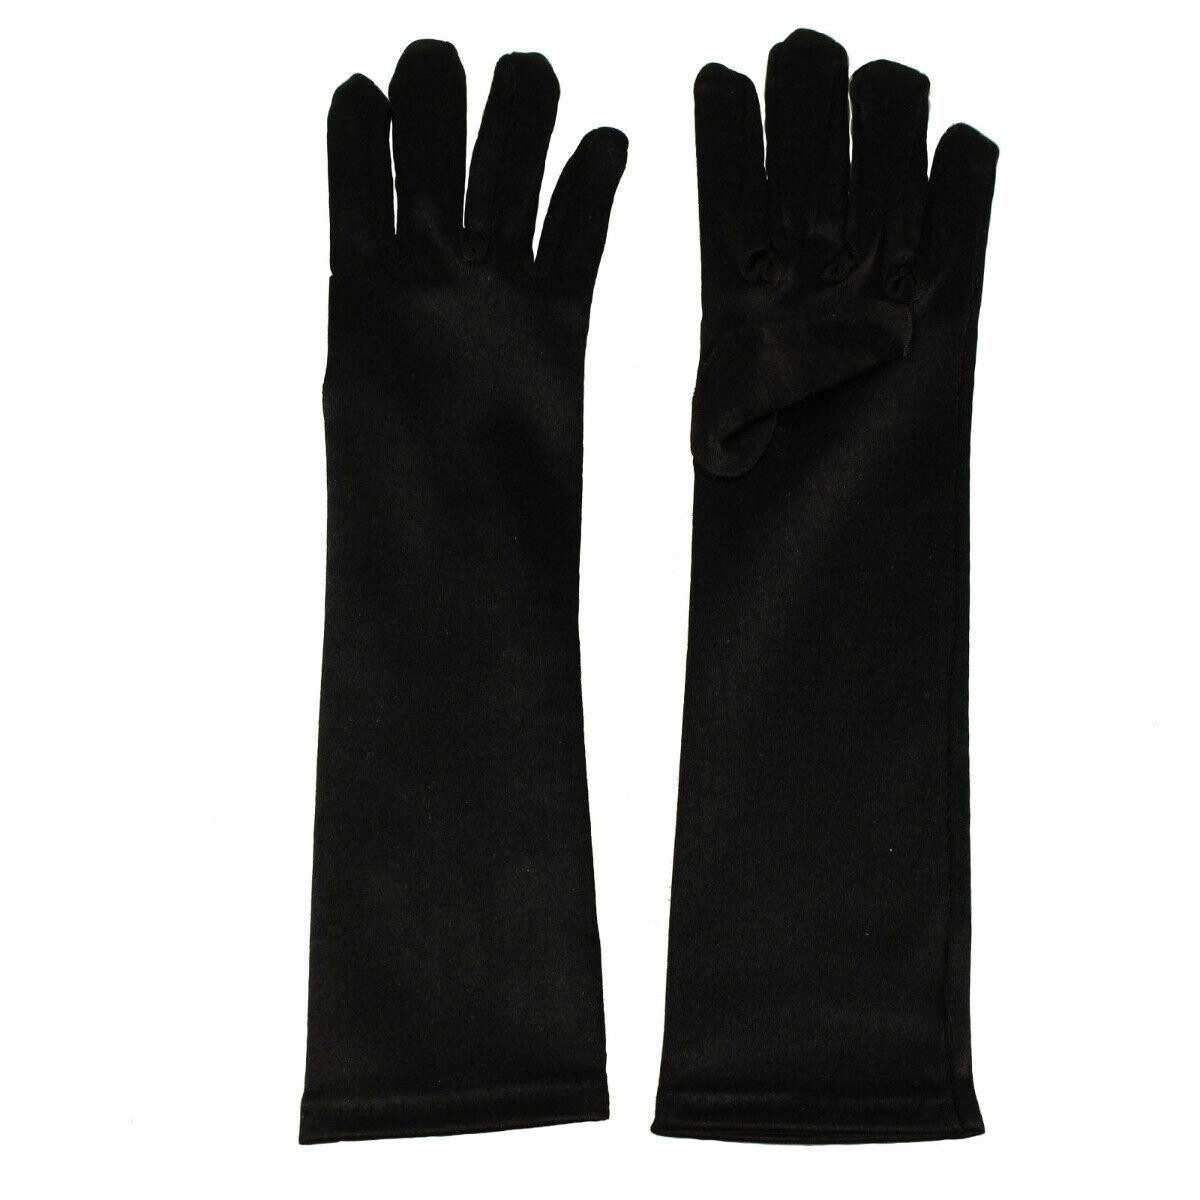 Kids Children Girls Satin Stretch Shiny Fancy Dressy Elbow Gloves